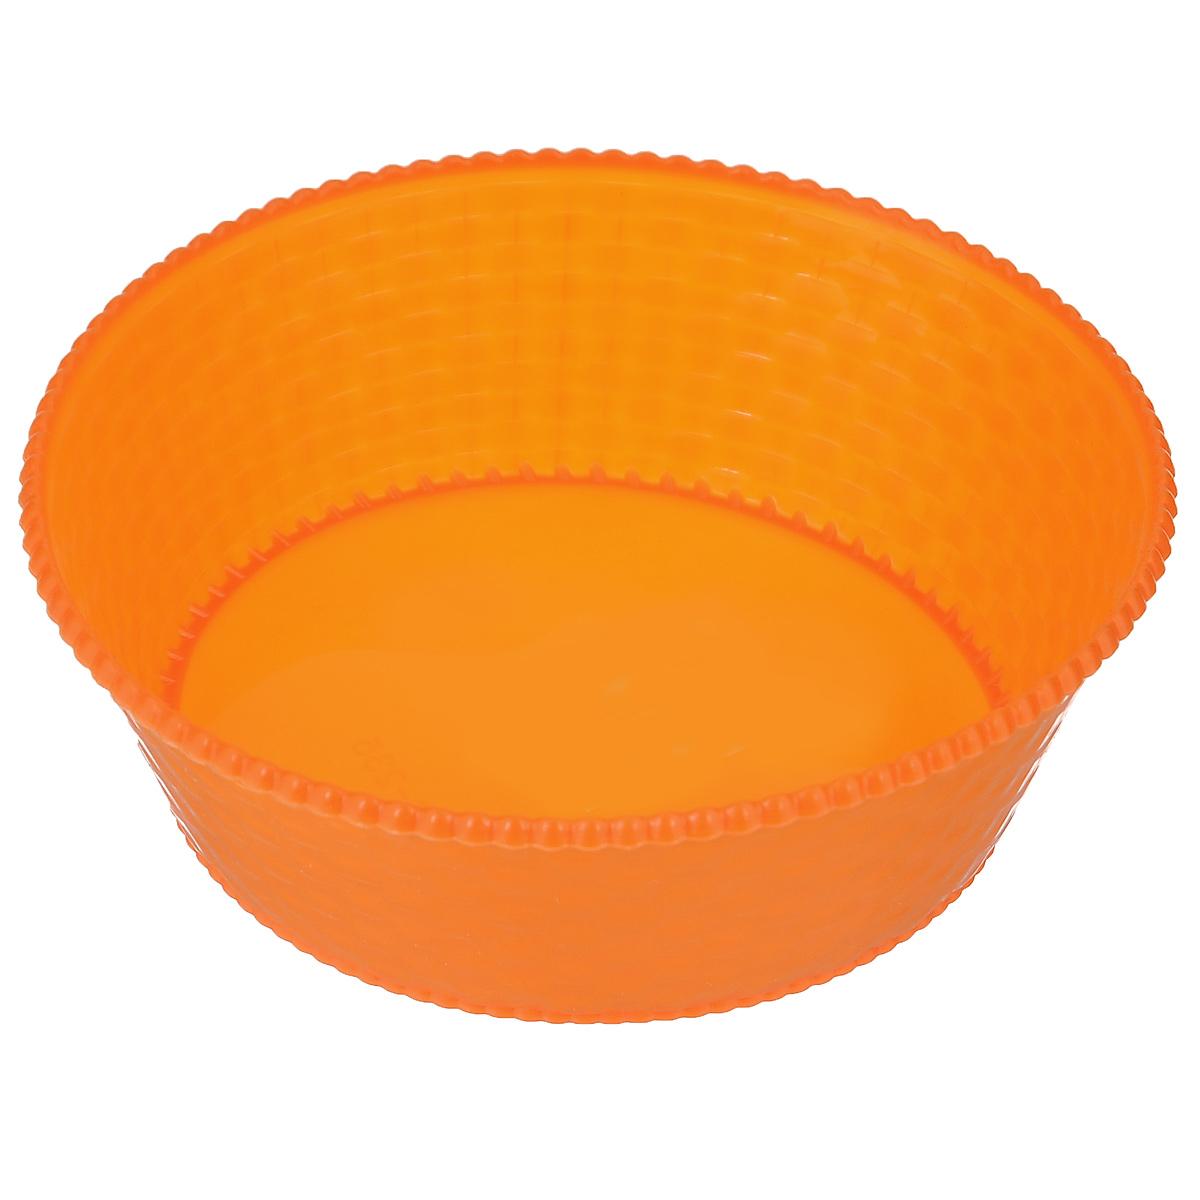 Корзинка для мелочей Sima-land, цвет: оранжевый, диаметр 15 см140358Круглая корзинка Sima-land, изготовленная из пластика, предназначена для хранения мелочей в ванной, на кухне, на даче. Легкая компактная корзина позволяет хранить мелкие вещи, исключая возможность их потери. Диаметр корзины: 15 см. Высота корзины: 4,5 см.